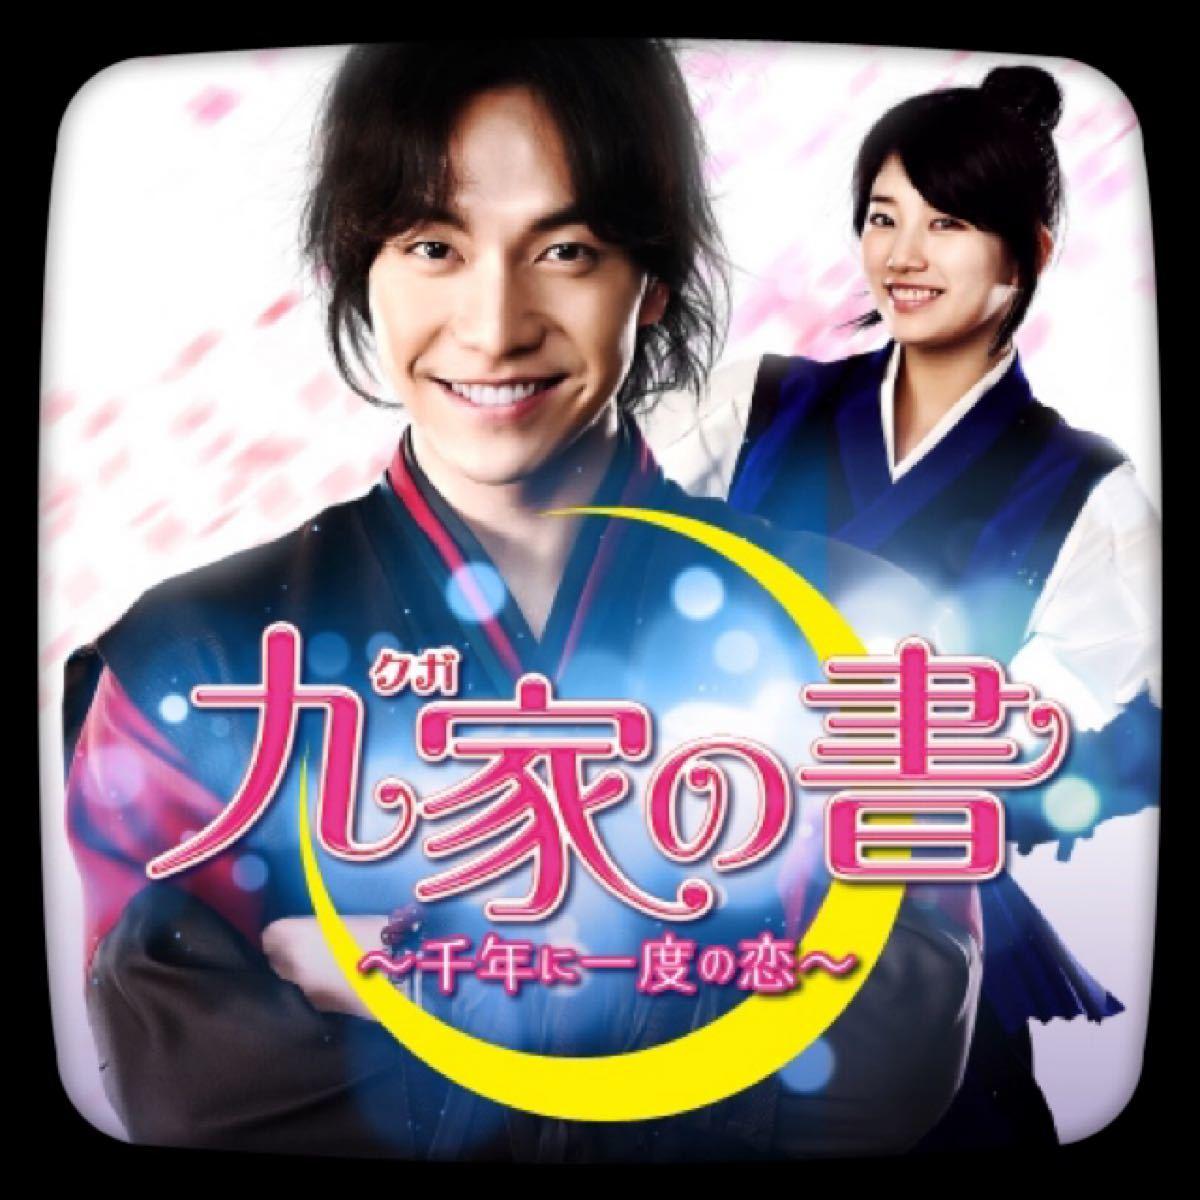 【九家の書】Blu-ray 韓国ドラマ 韓流